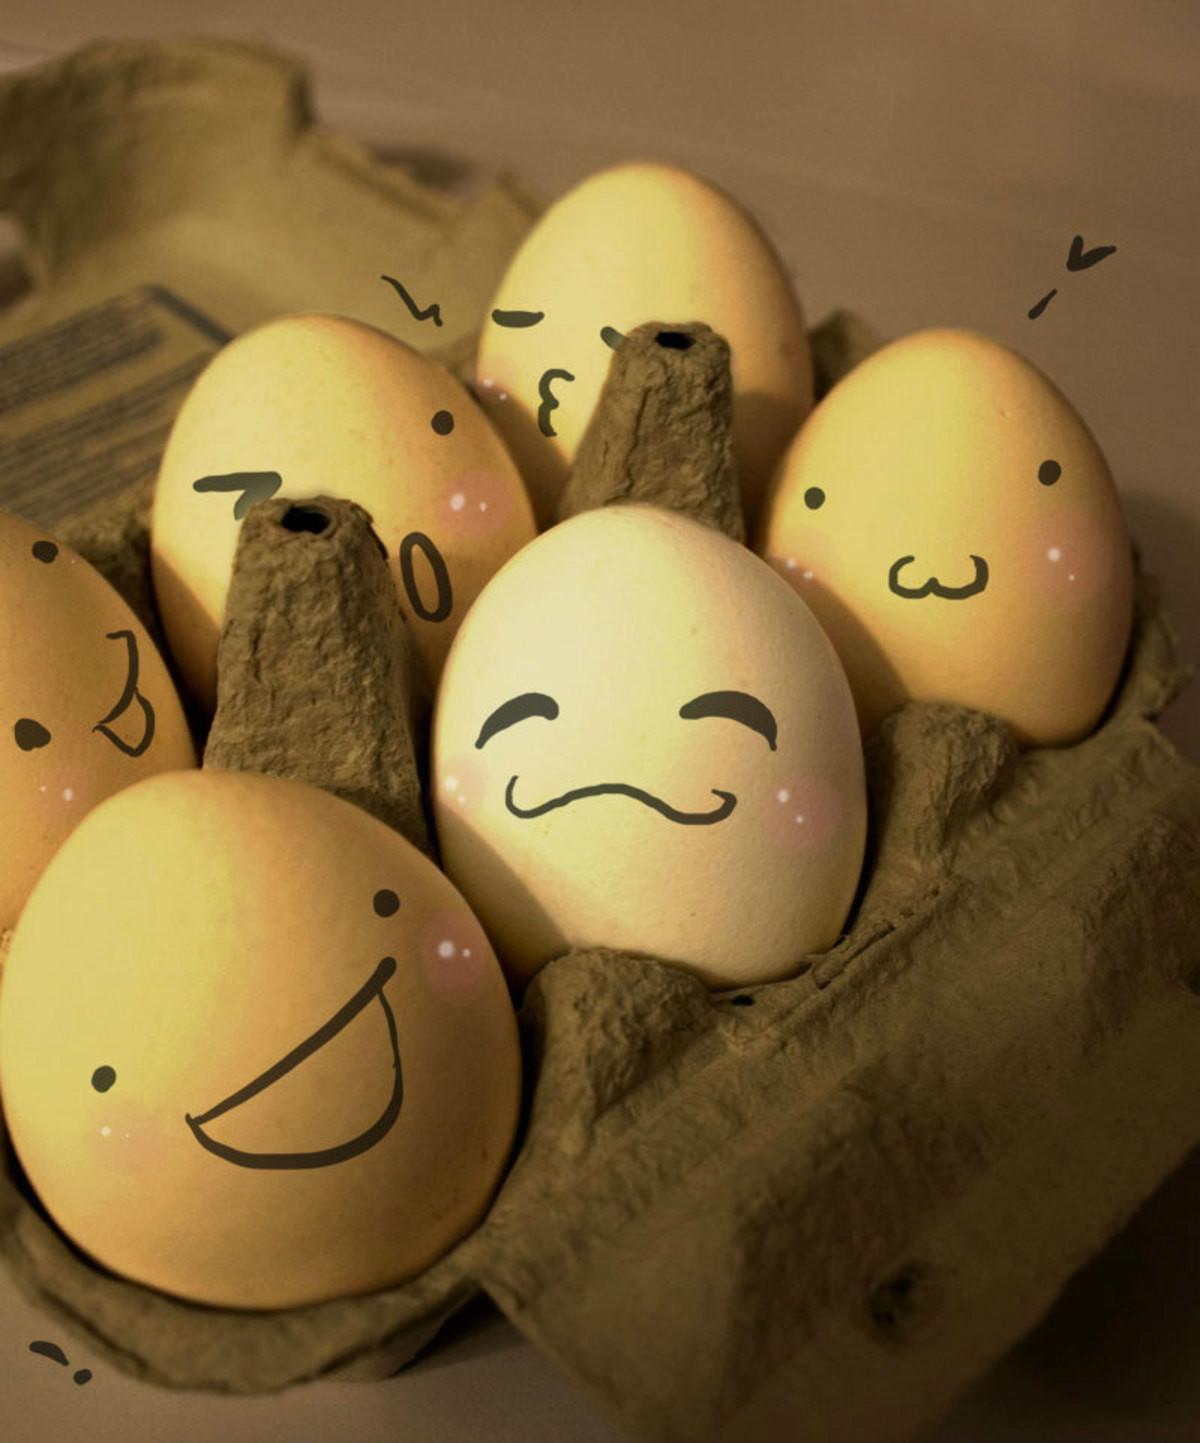 Для, прикол с яйцами картинки